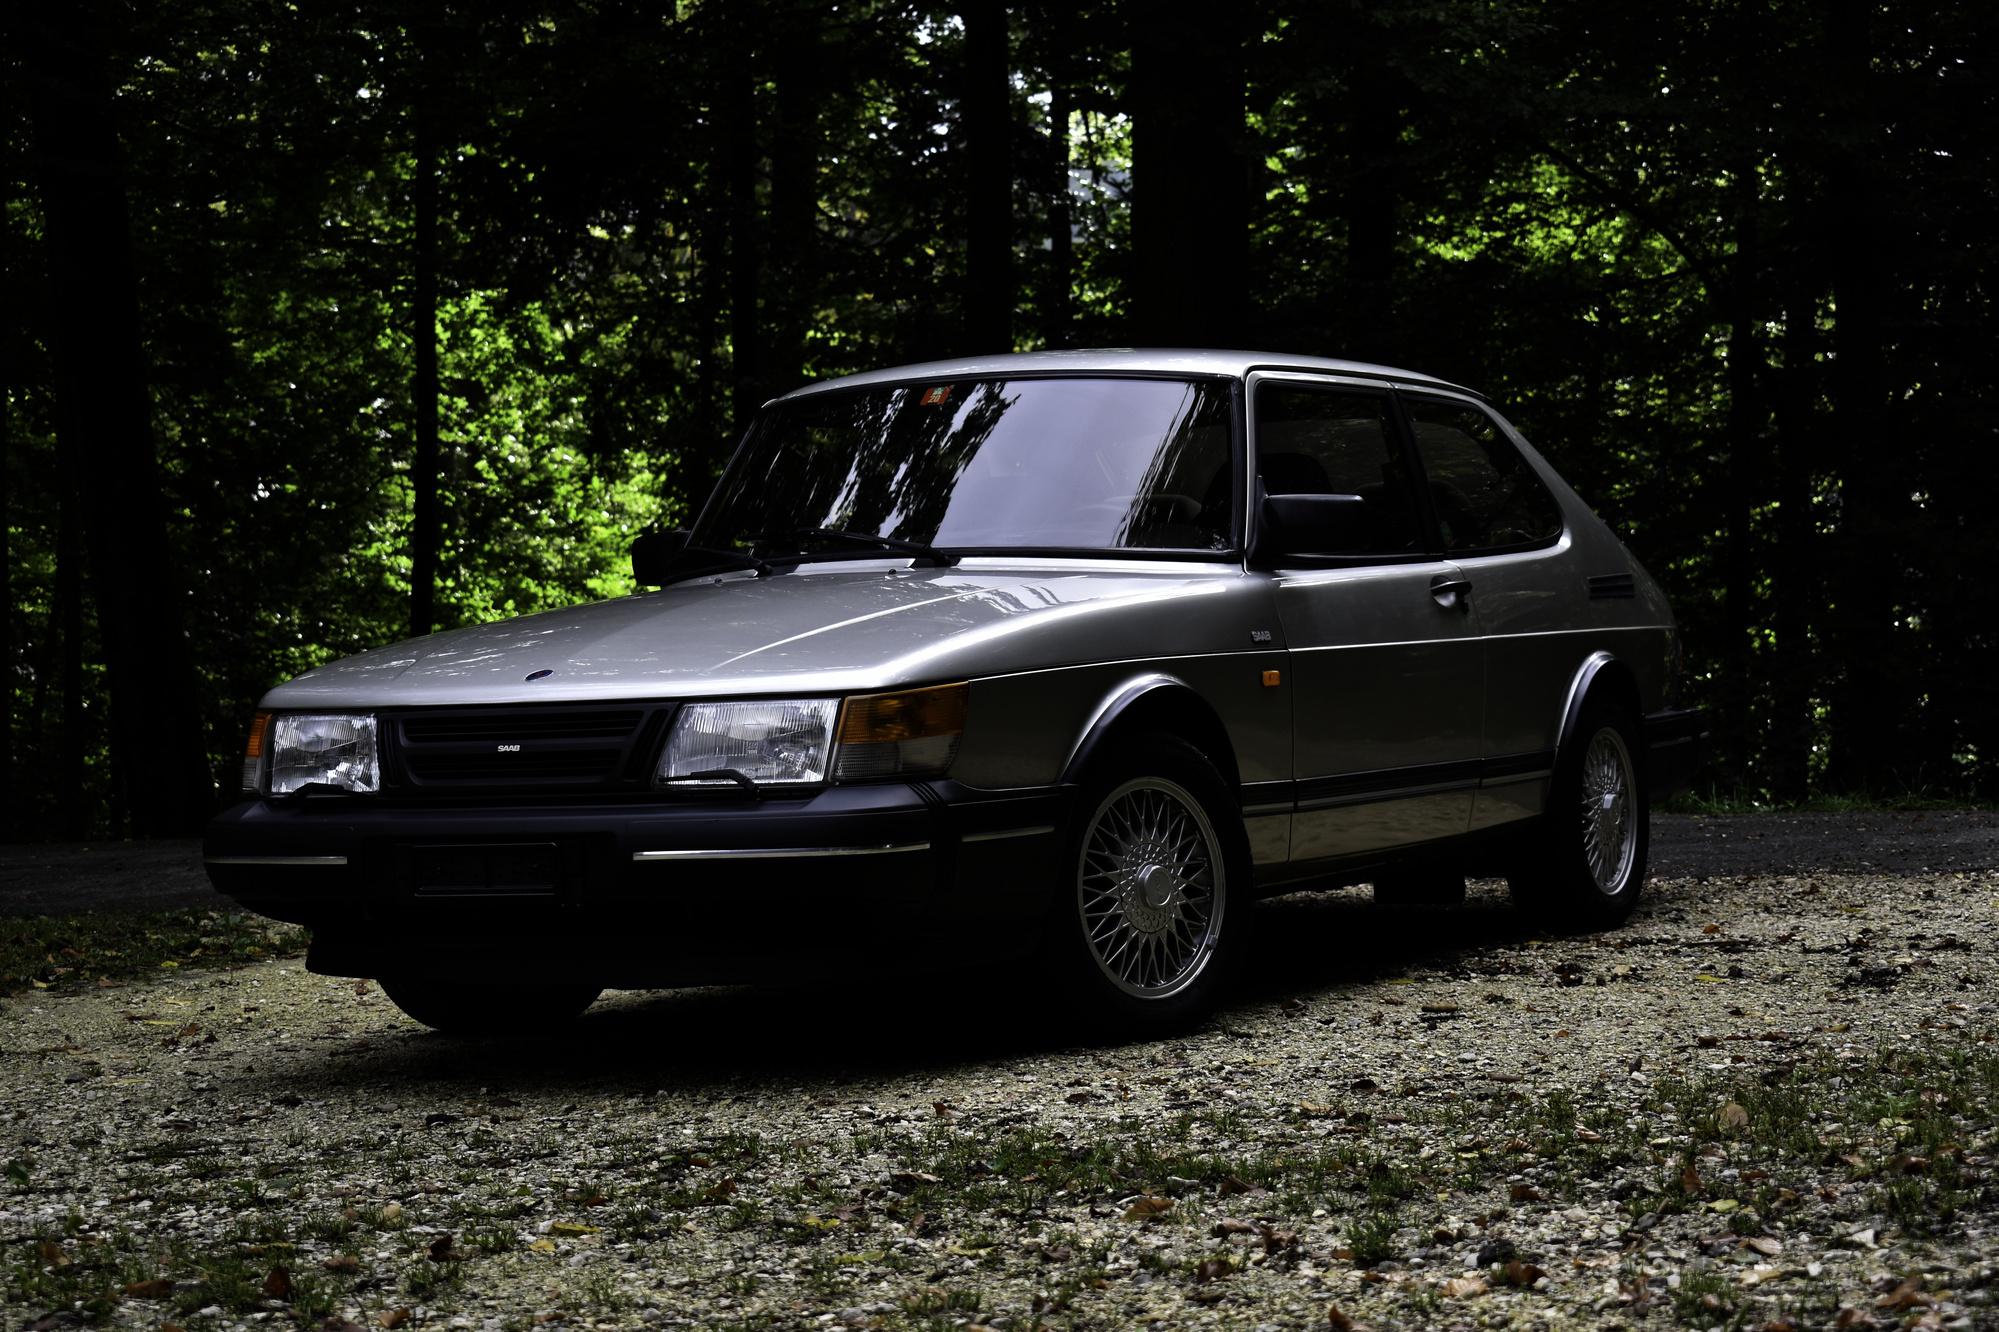 Auktionen Versteigerungen 1991 Saab 900 S Softturbo 16V seitliche Ansicht von vorne links